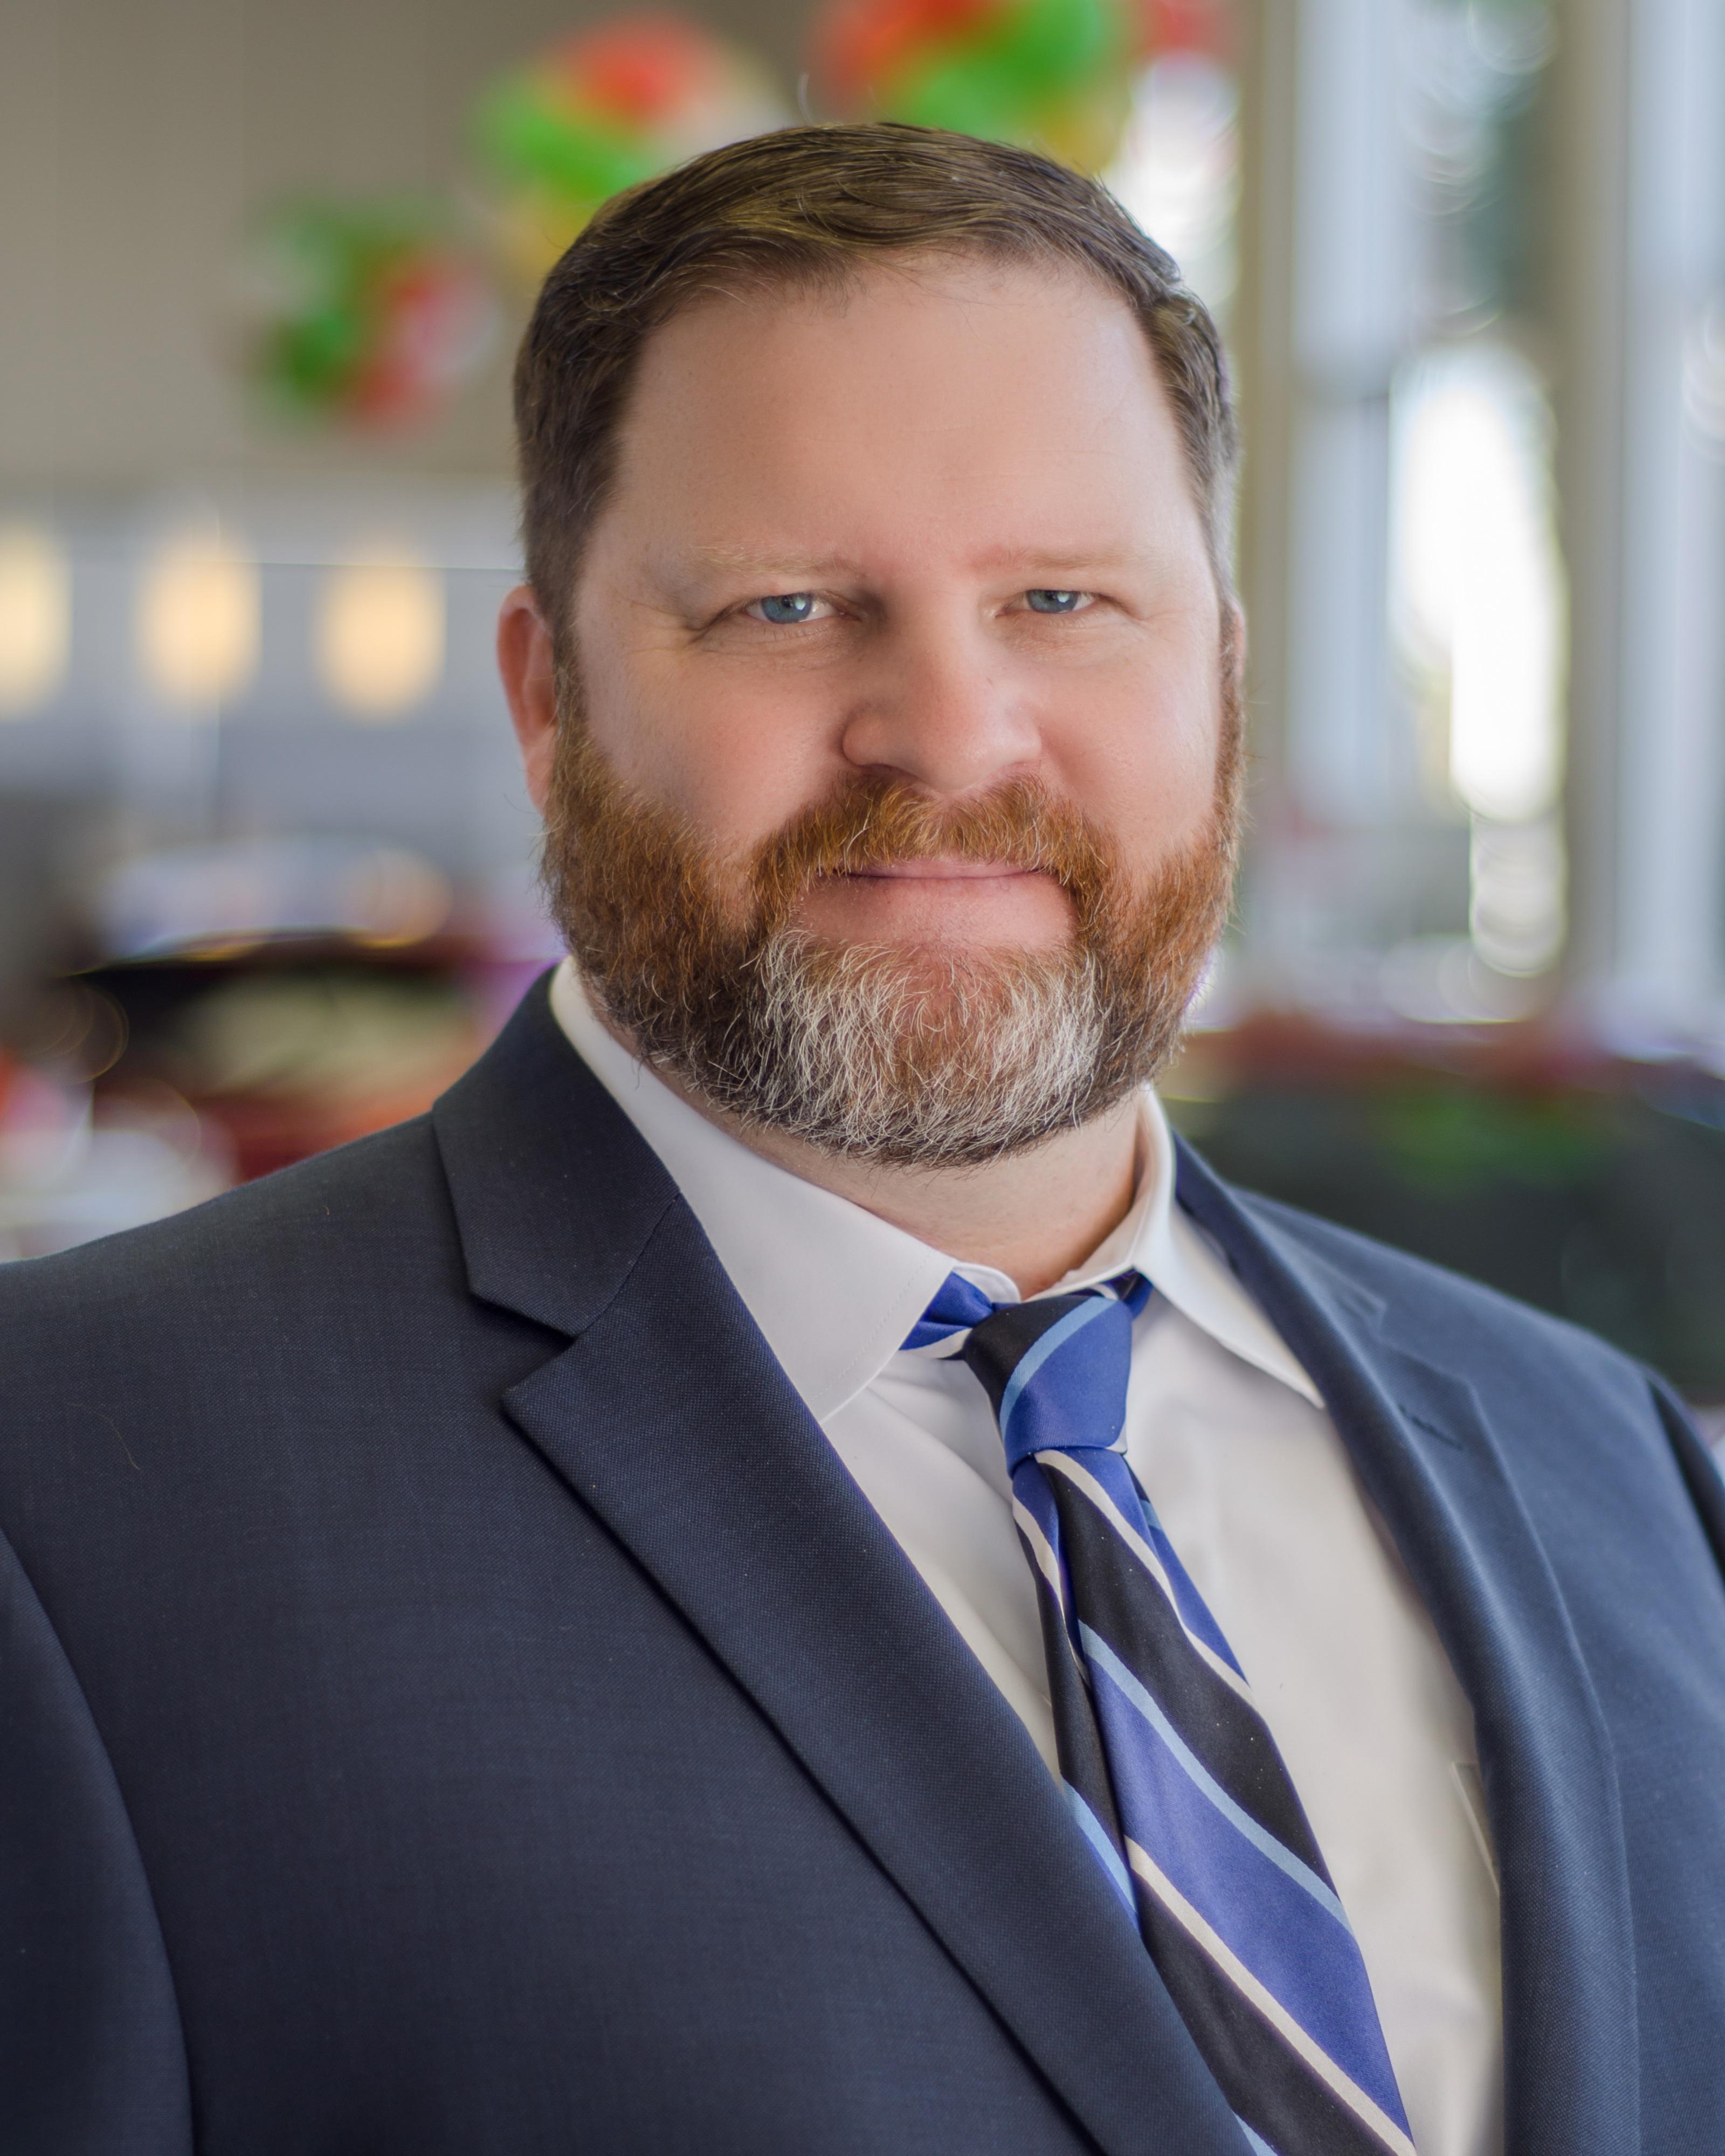 Delightful Richard Altman: General Sales Manager